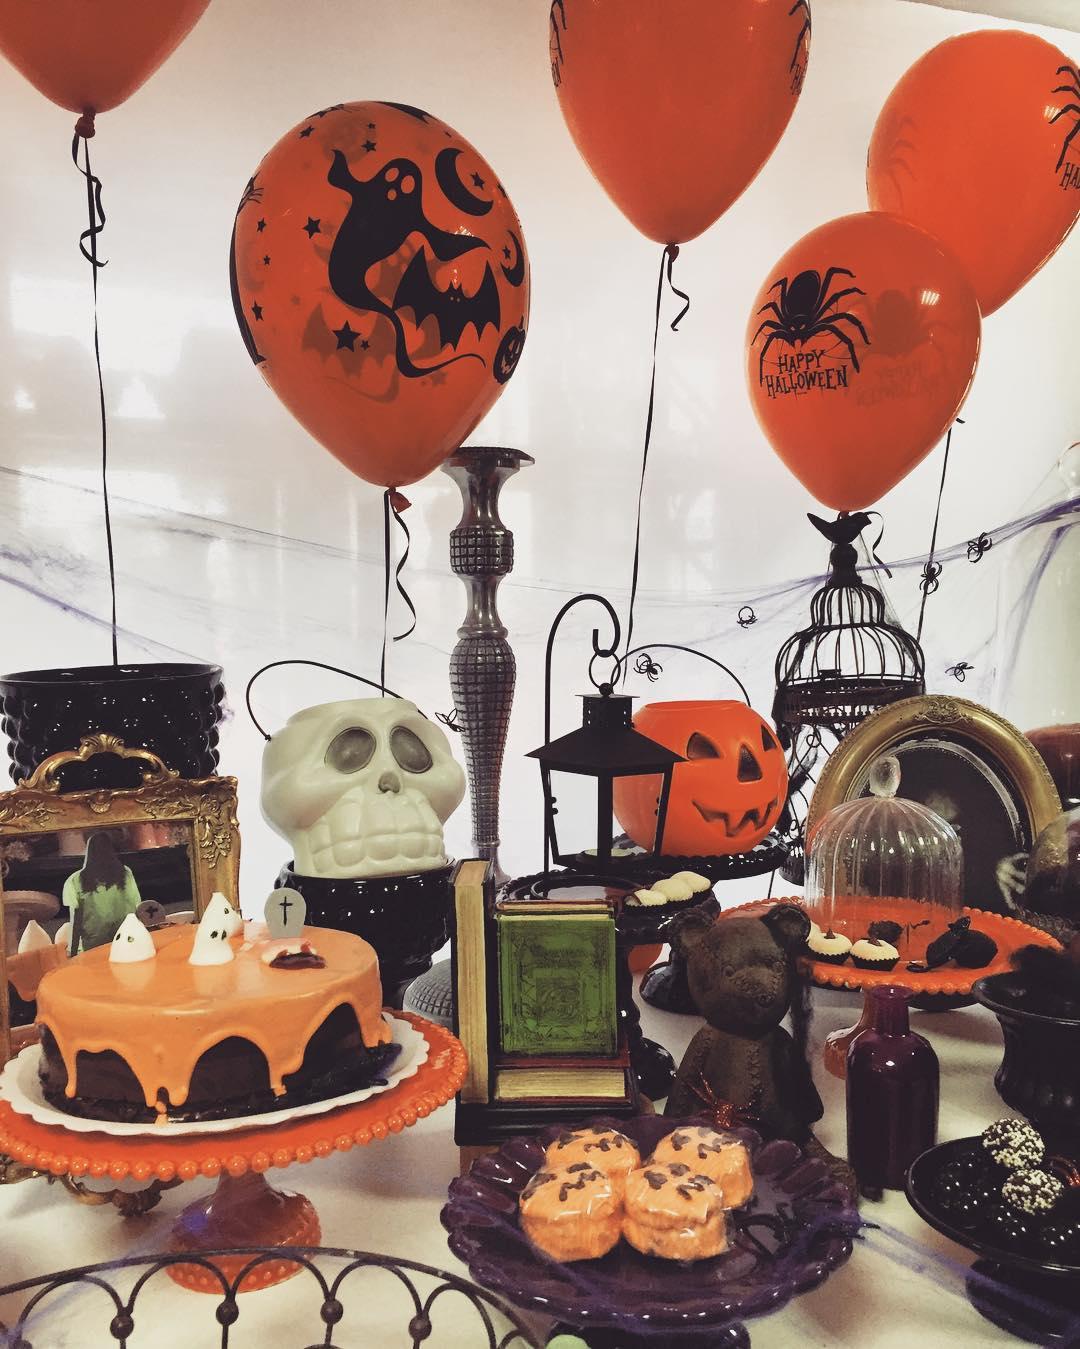 Decoracao De Halloween Para Festa De Aniversario.Decoracao De Halloween Tutoriais E 110 Ideias Para Voce Se Inspirar